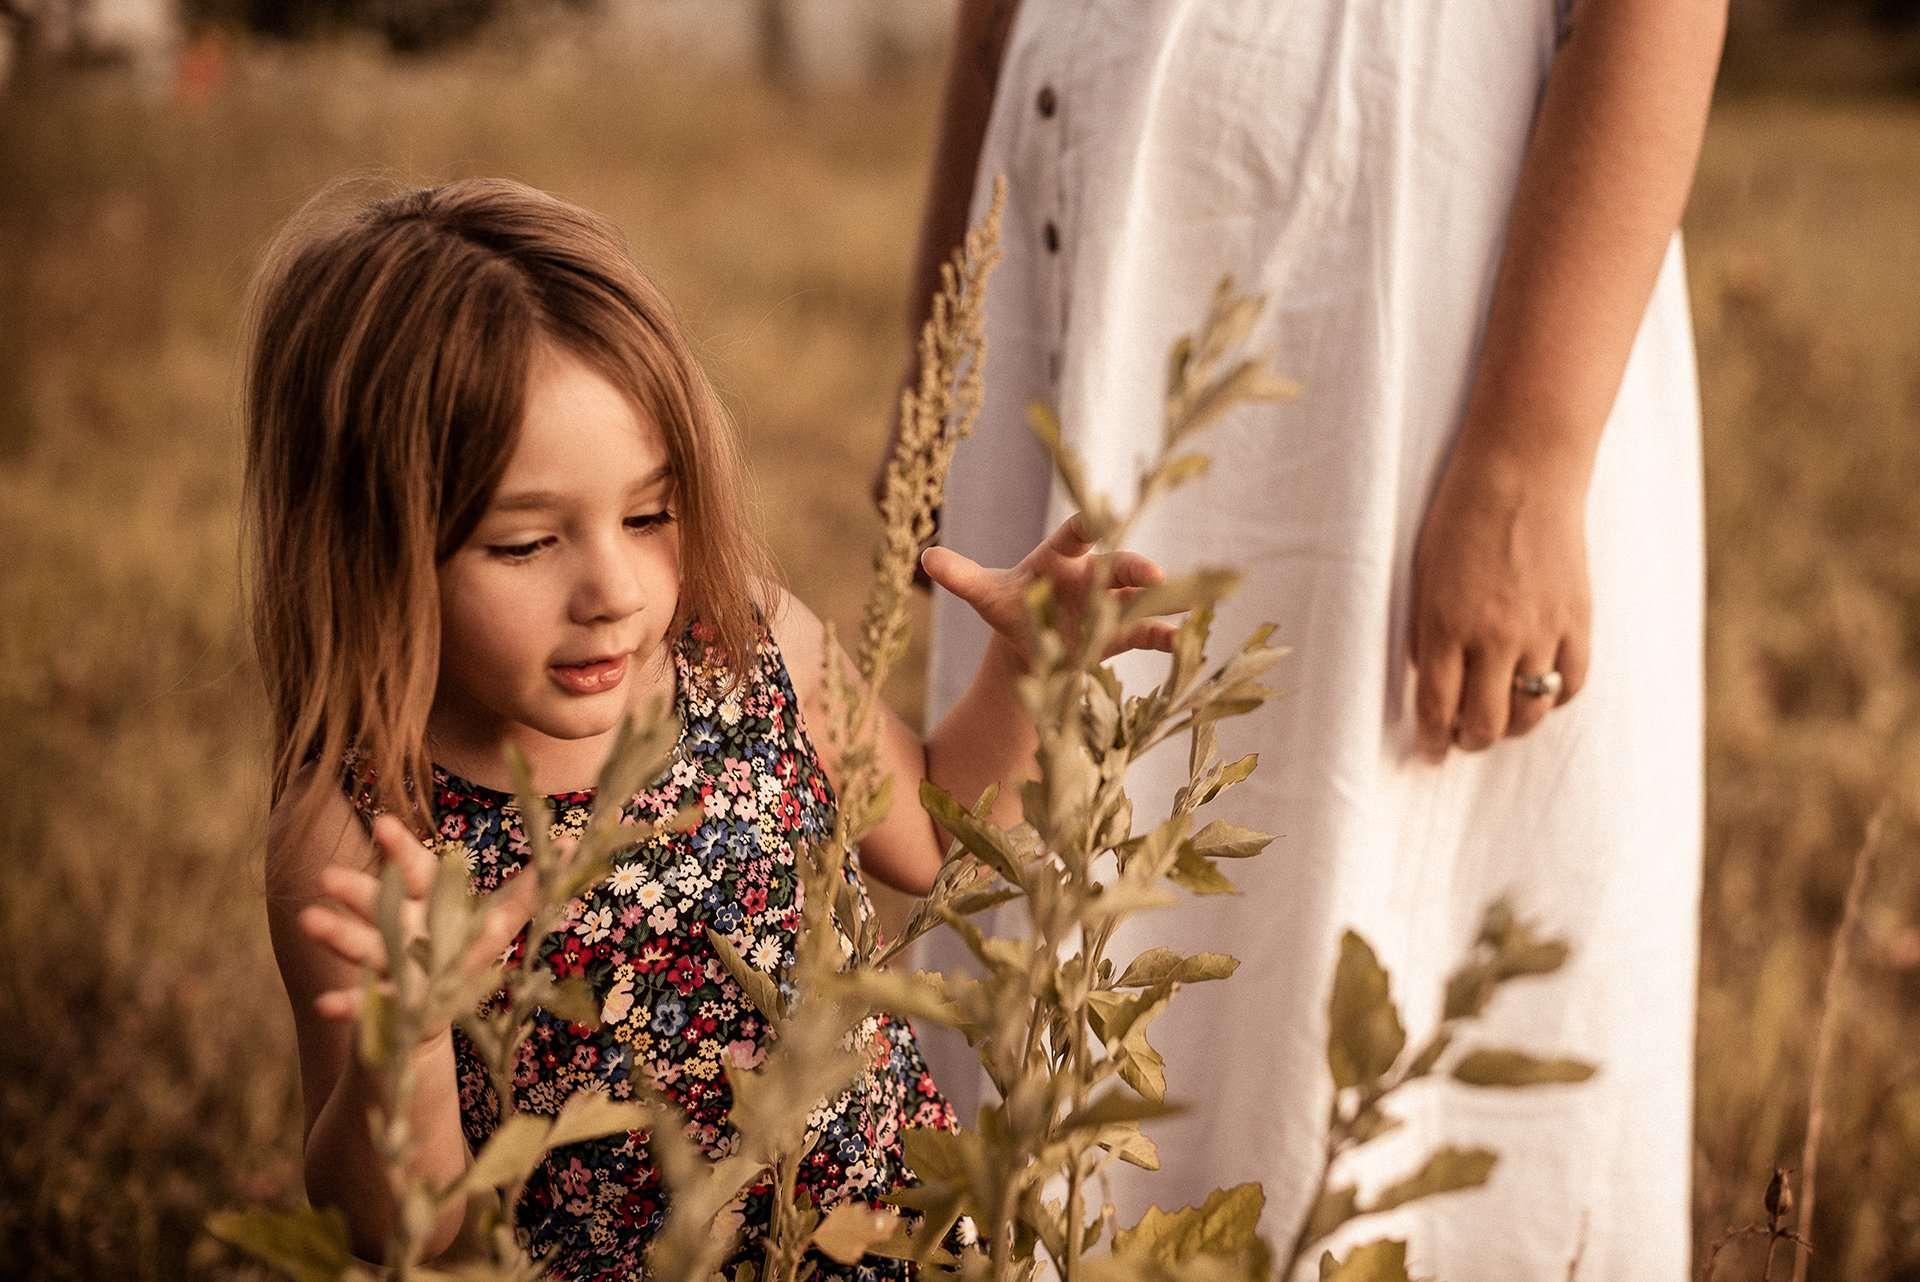 Fotografia bambina con albero realizzata da Barbara Trincone Fotografo specializzato ritratti di famiglia, famili session a Napoli, Salerno, Avellino, Caserta